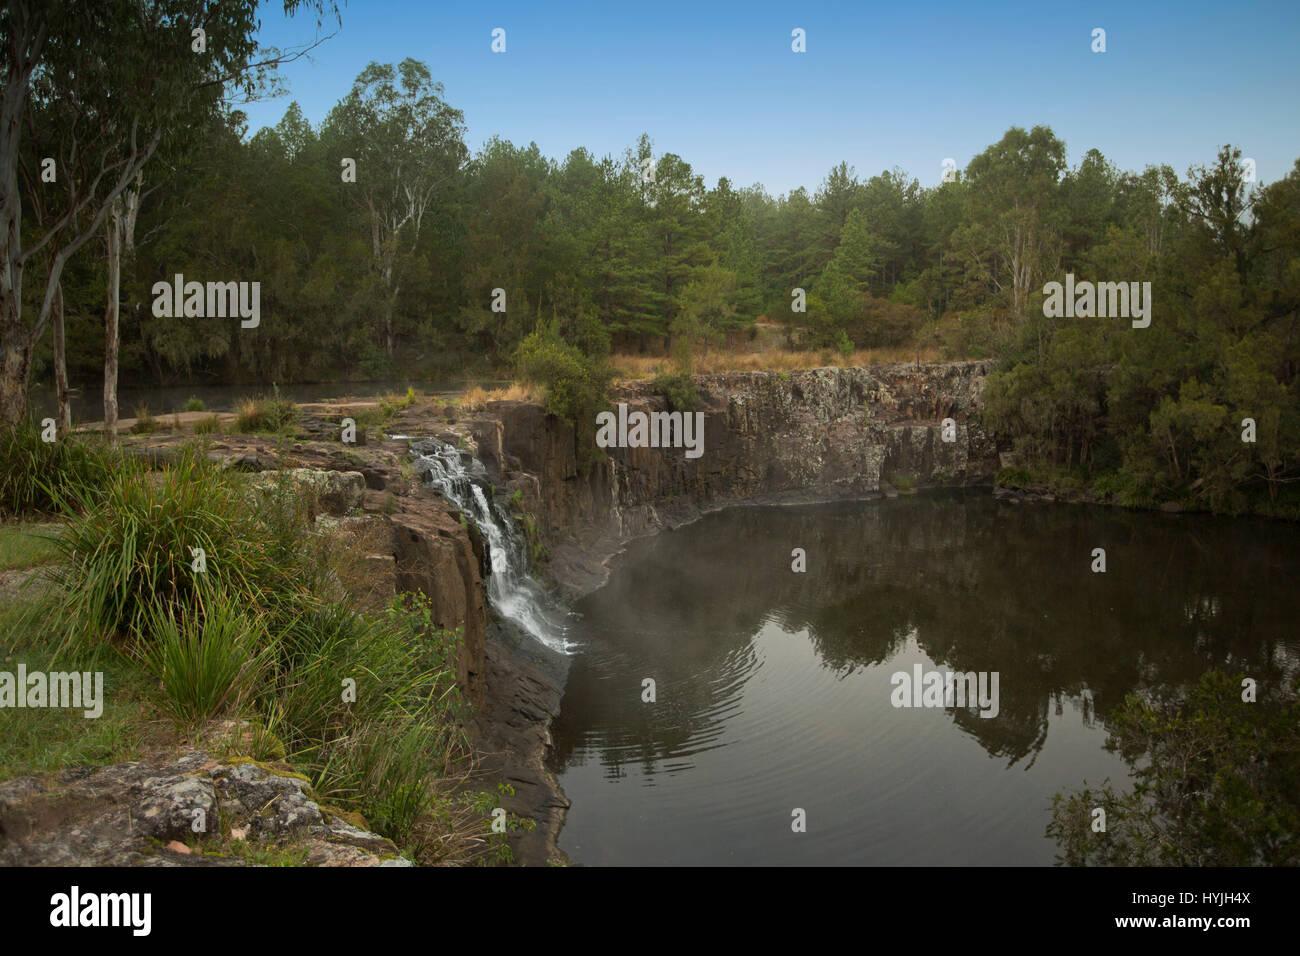 Cascata cascata più alta scogliera rocciosa nelle calme acque della piscina profonda a Tooloom rientra tra Immagini Stock